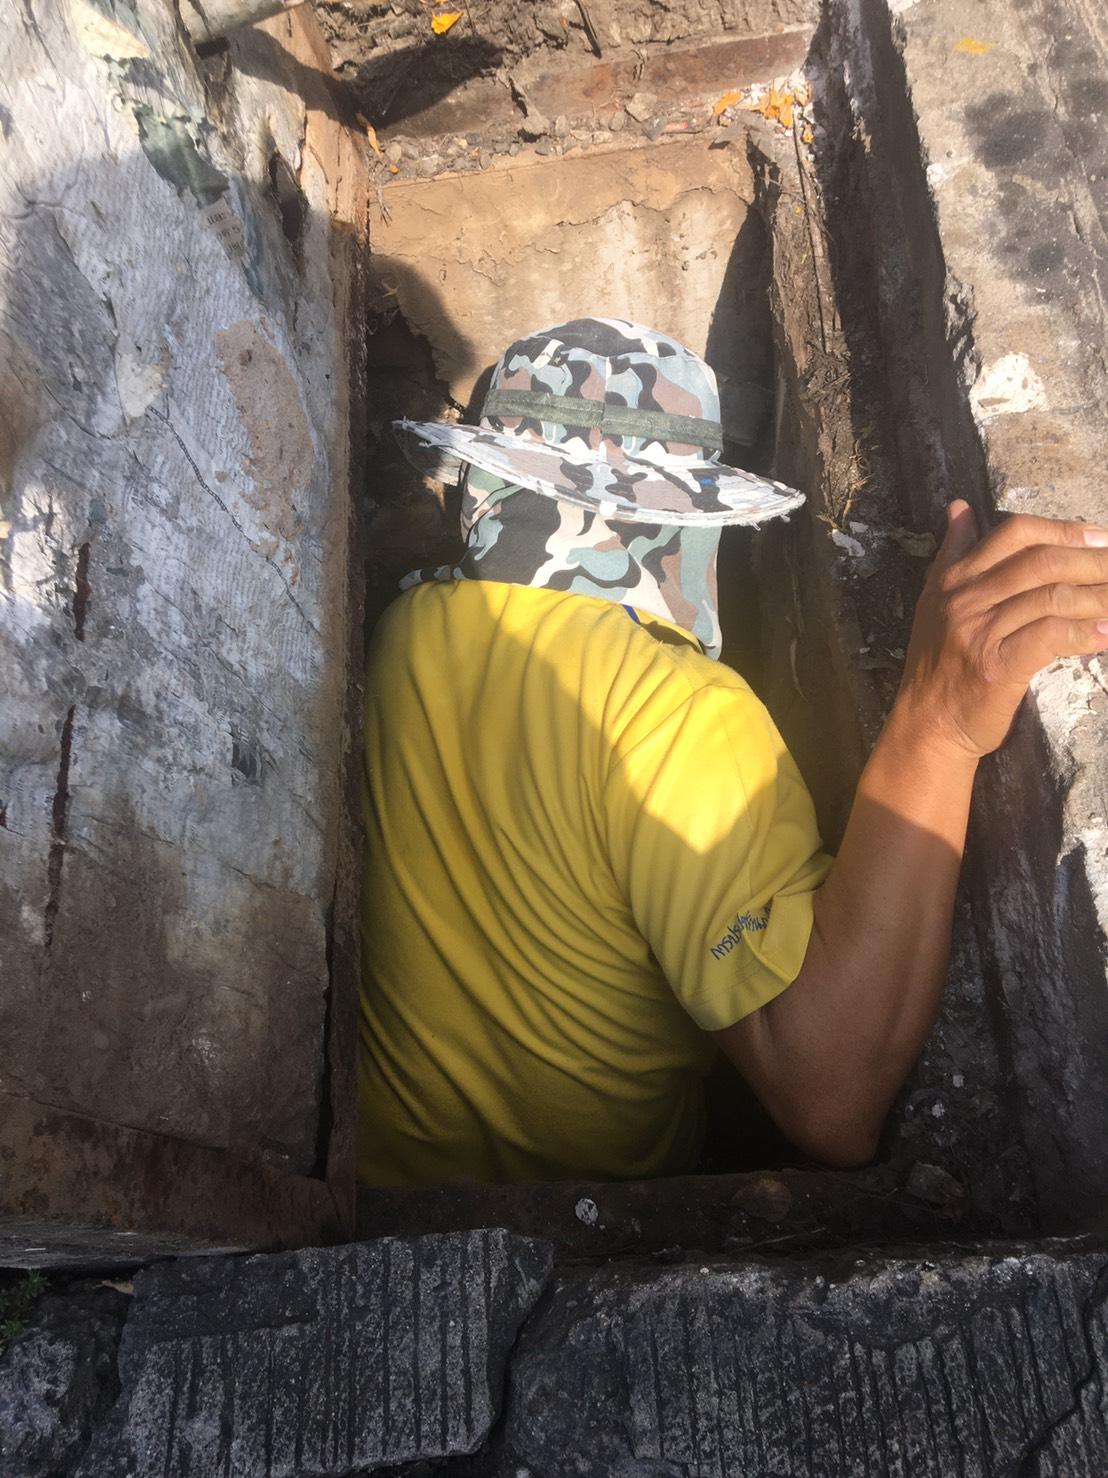 ไฟล์แนบ กปภ.สาขาบุรีรัมย์ลงพื้นที่ค้นหาน้ำสูญเสียตามแผนการบริหารจัดการน้ำสูญเสีย พ.ย. 2562